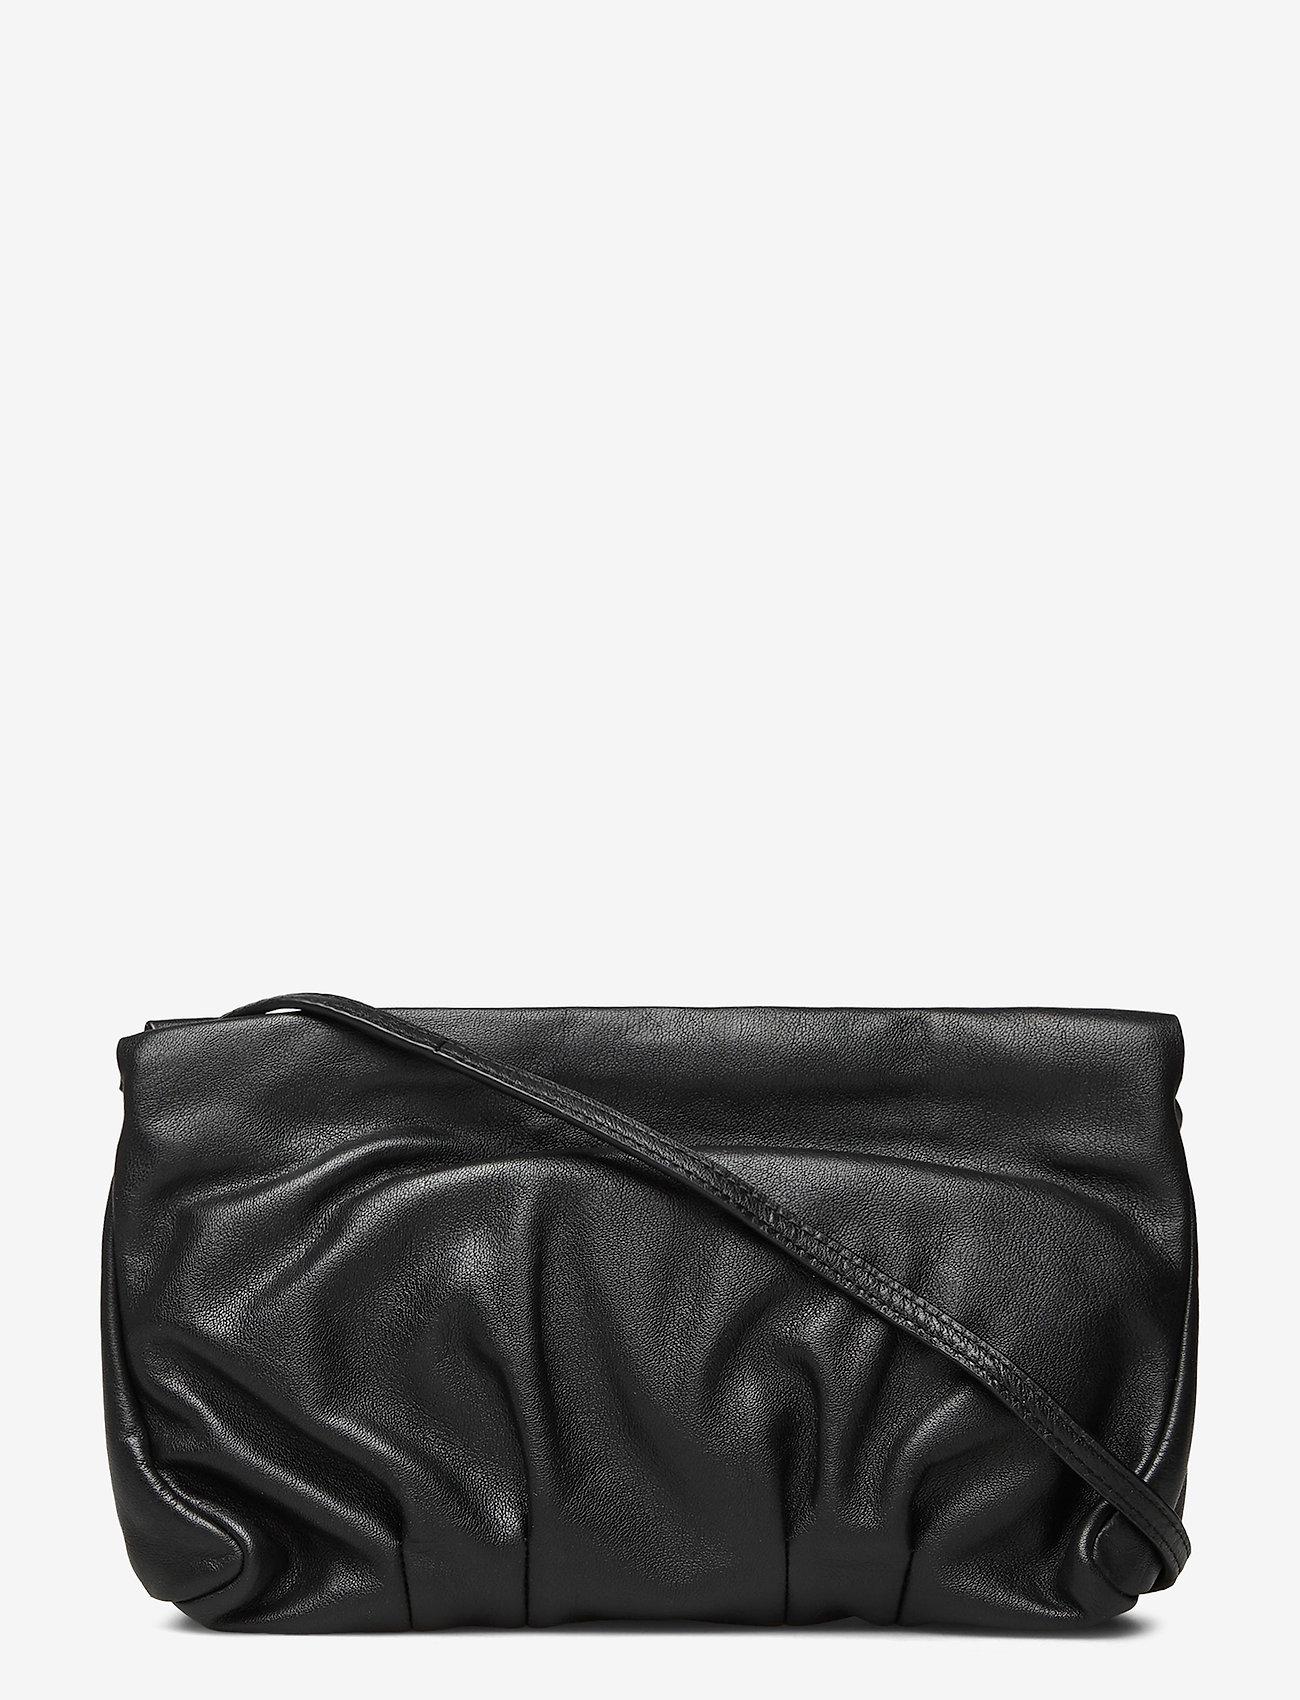 VAGABOND - RIO - crossbody bags - black - 0